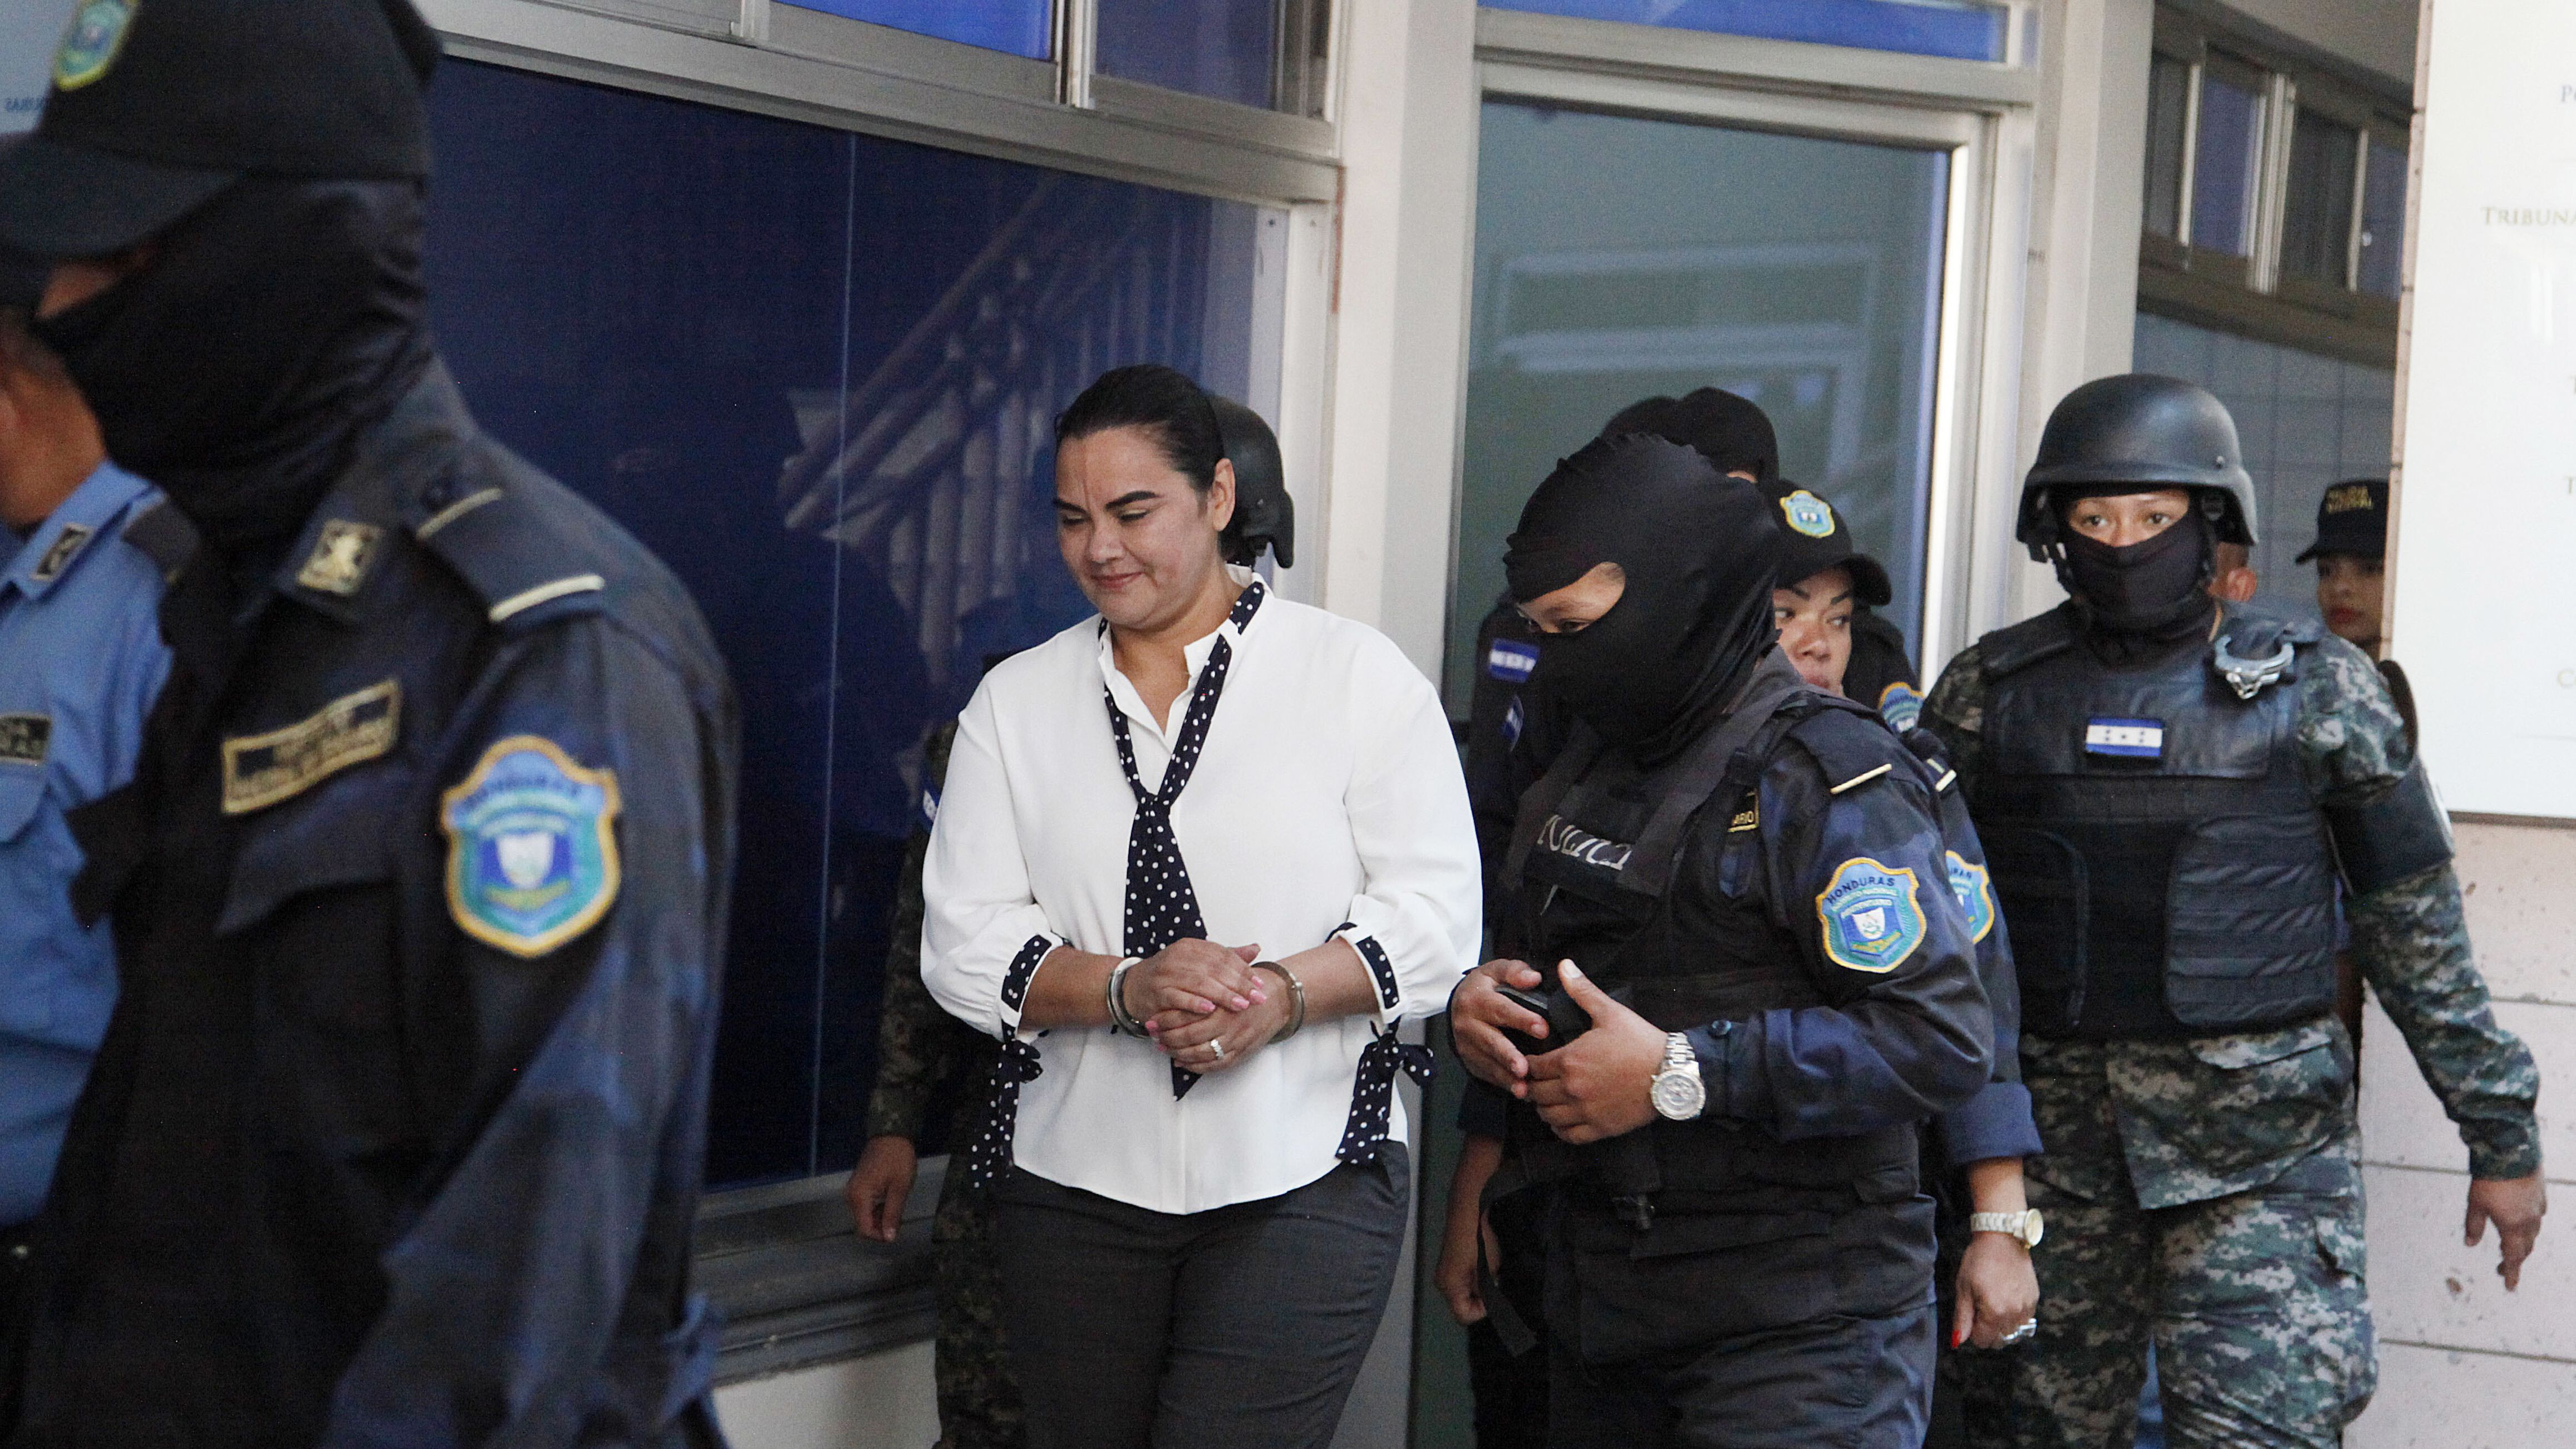 Die ehemalige First-Lady Rosa Elena Bonilla, begleitet von vermummten Polizisten, bei der Ankunft vor dem Gericht in  Tegucigalpa